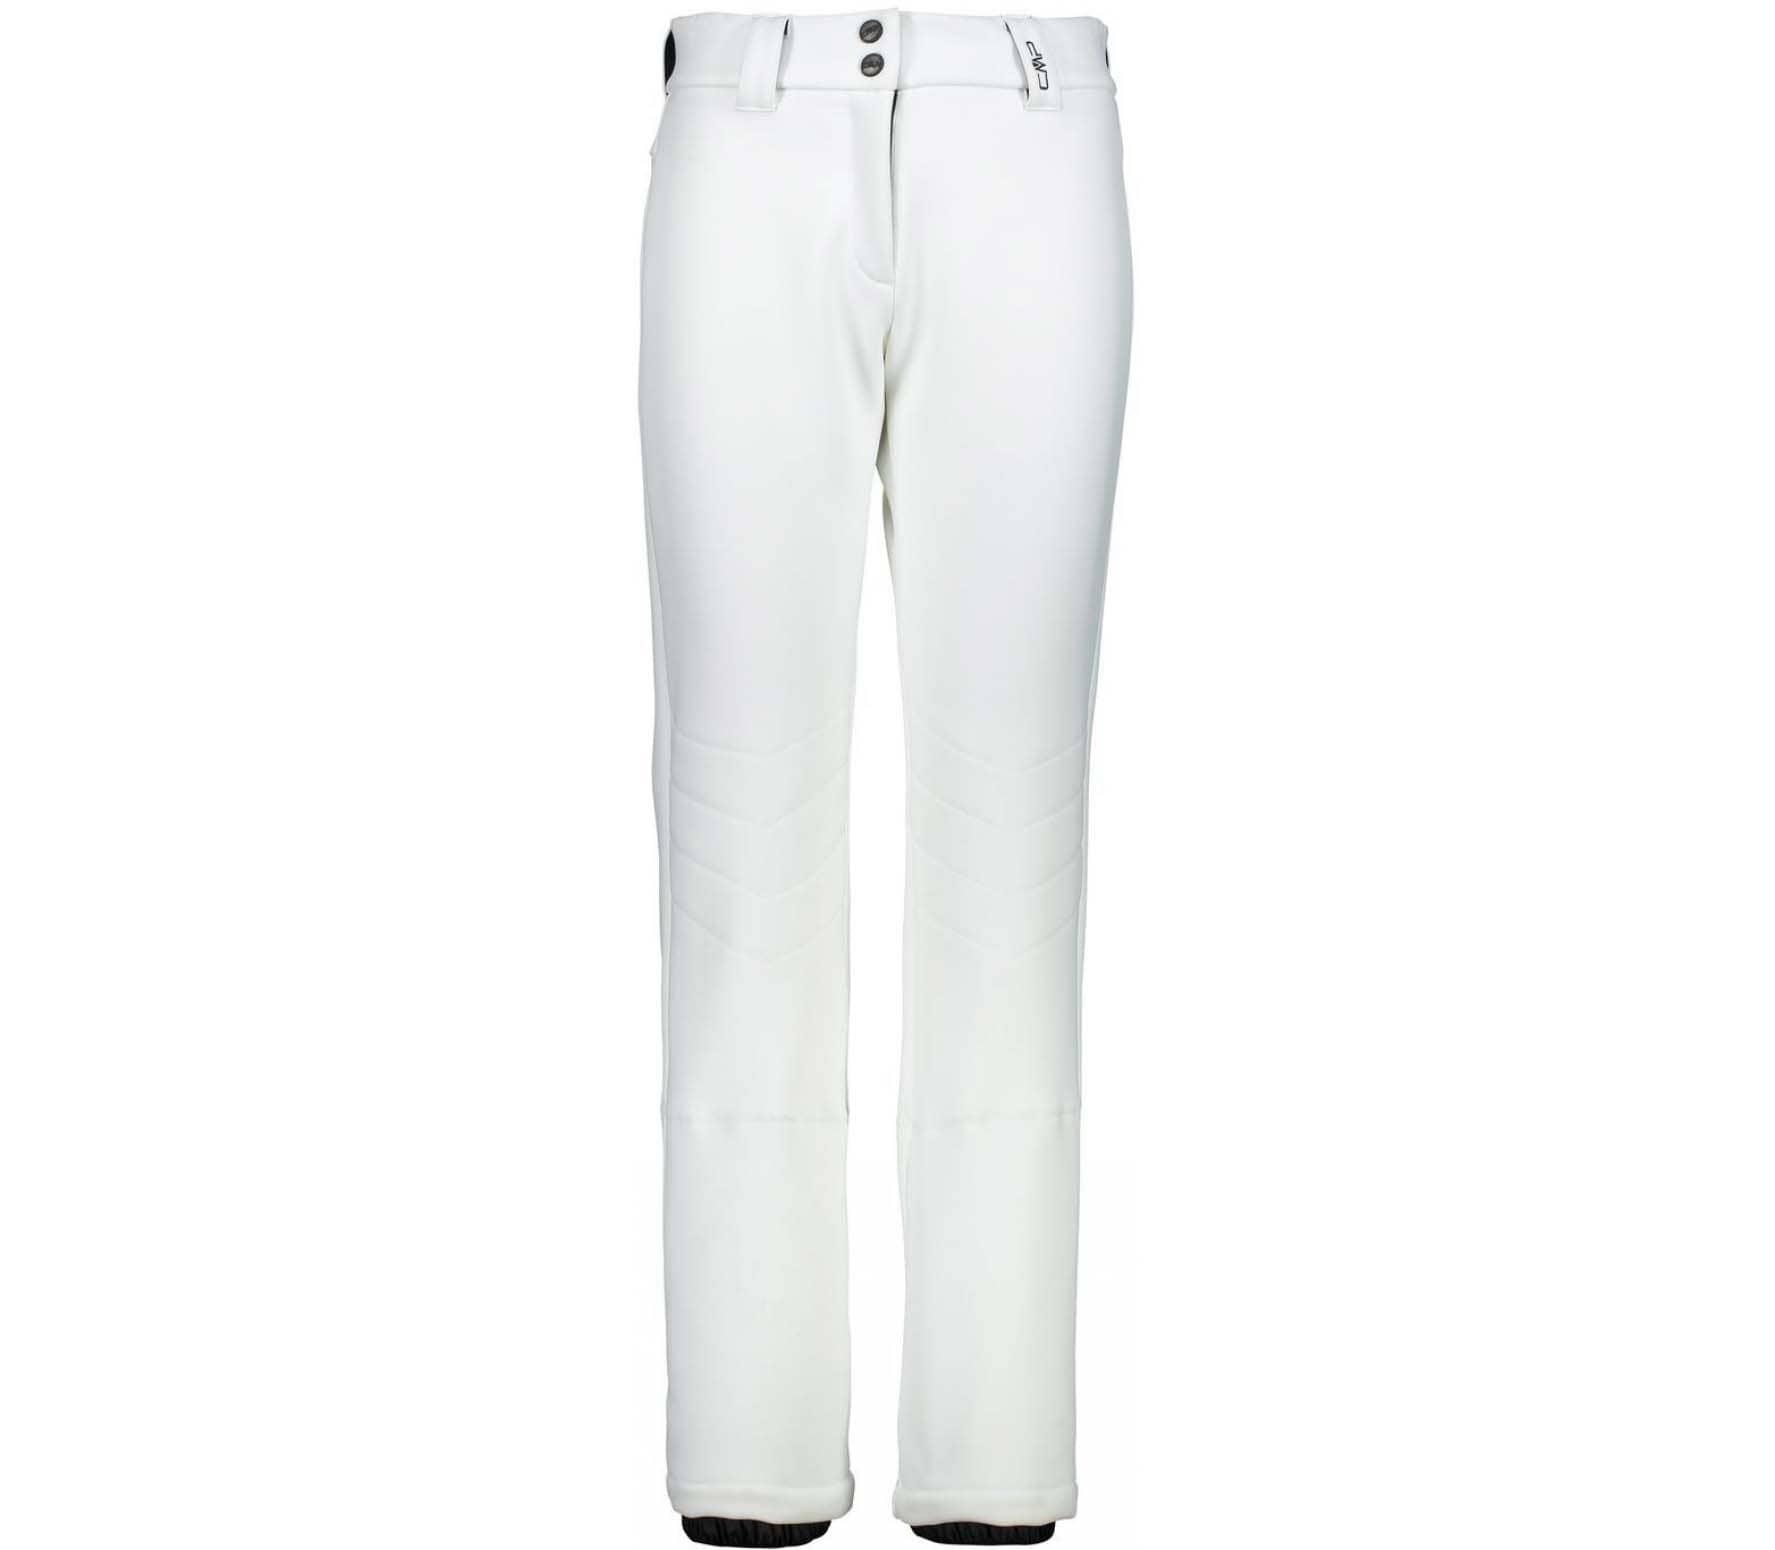 CMP Long Pant women's skis pants Women